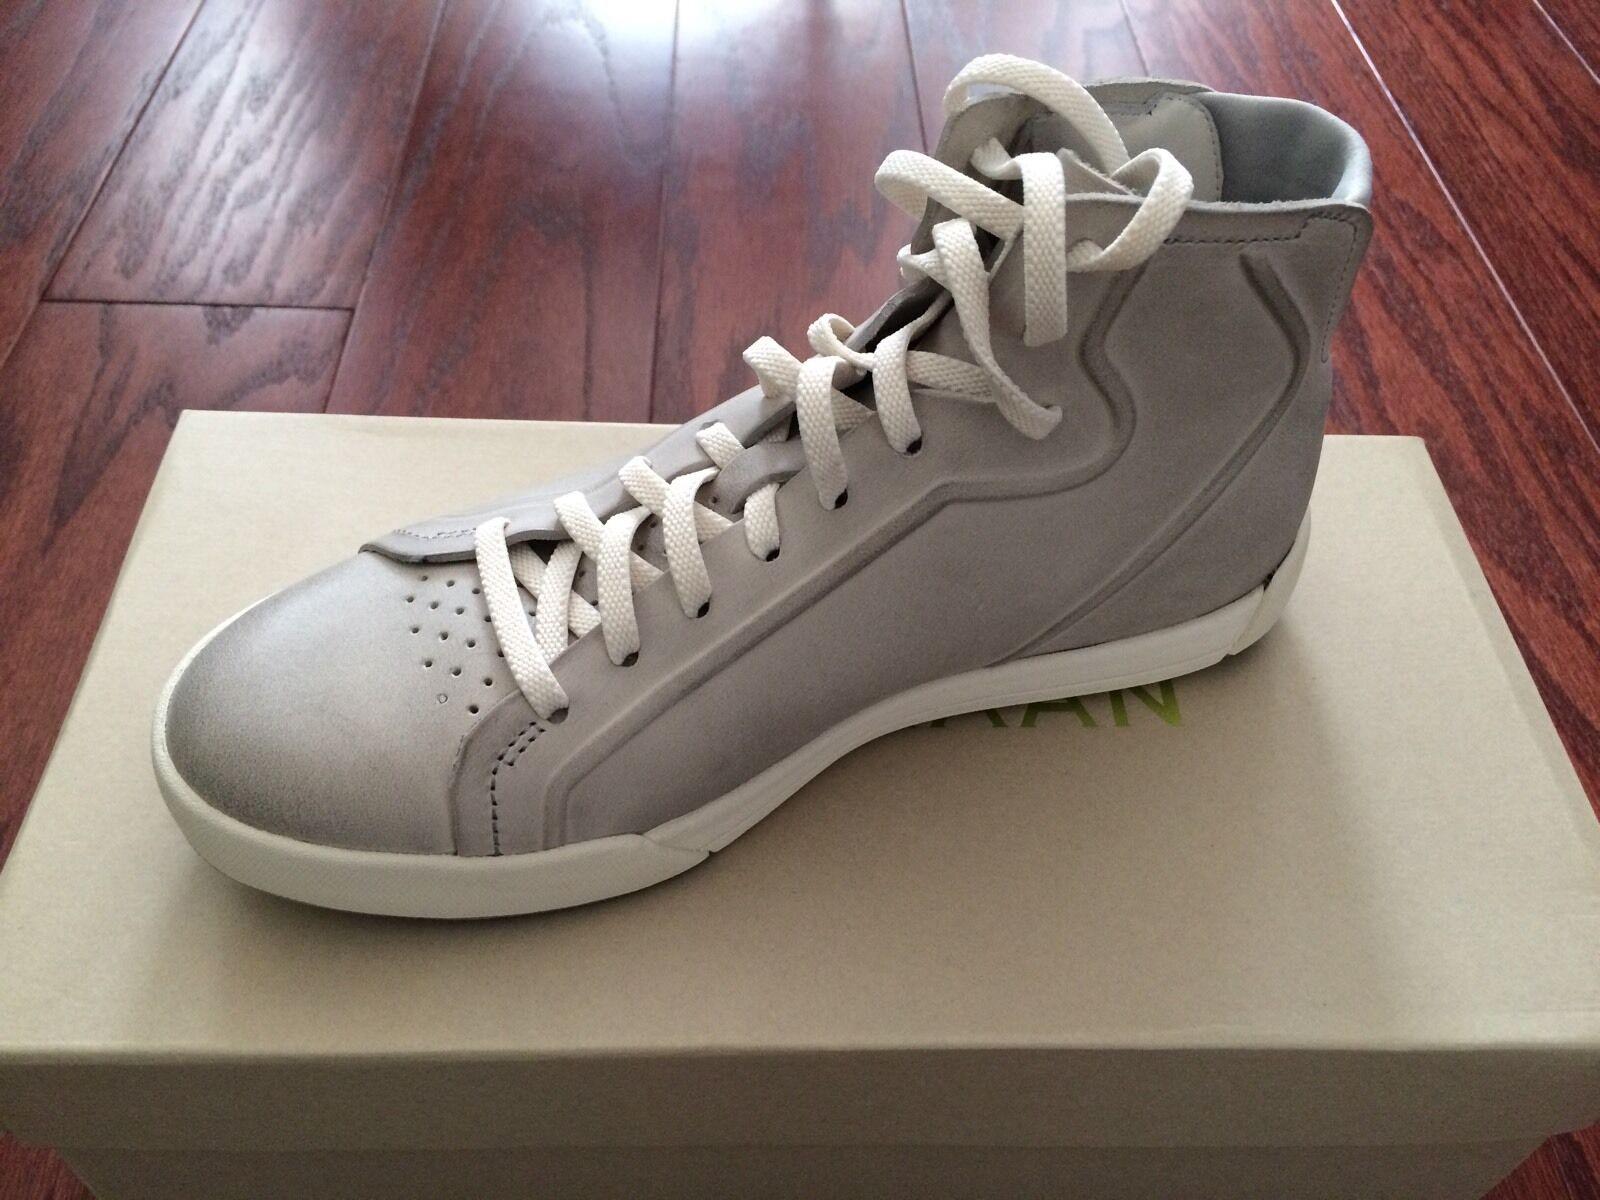 Nuevo En Caja Cole Haan FLX Riley High Top Top Top zapatilla de deporte gris Cuero Para mujeres 5.5B  marcas de moda